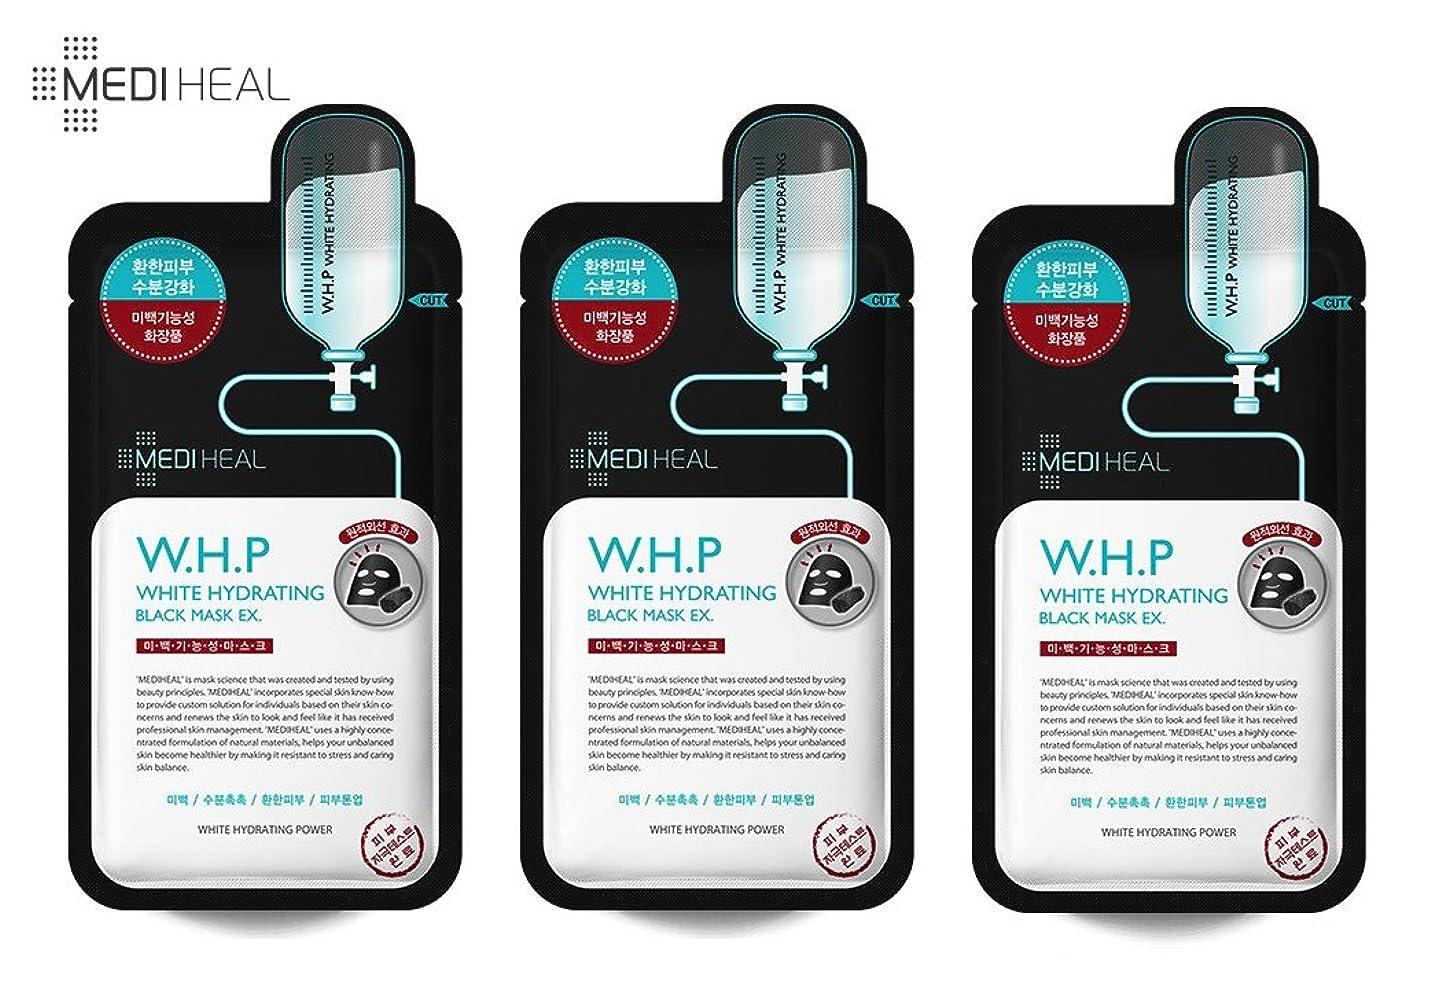 任命先行するリクルート[本物] メディヒール Mediheal W.H.P 美白水分 ミネラル 炭 マスクパック (10枚) [並行輸入品]